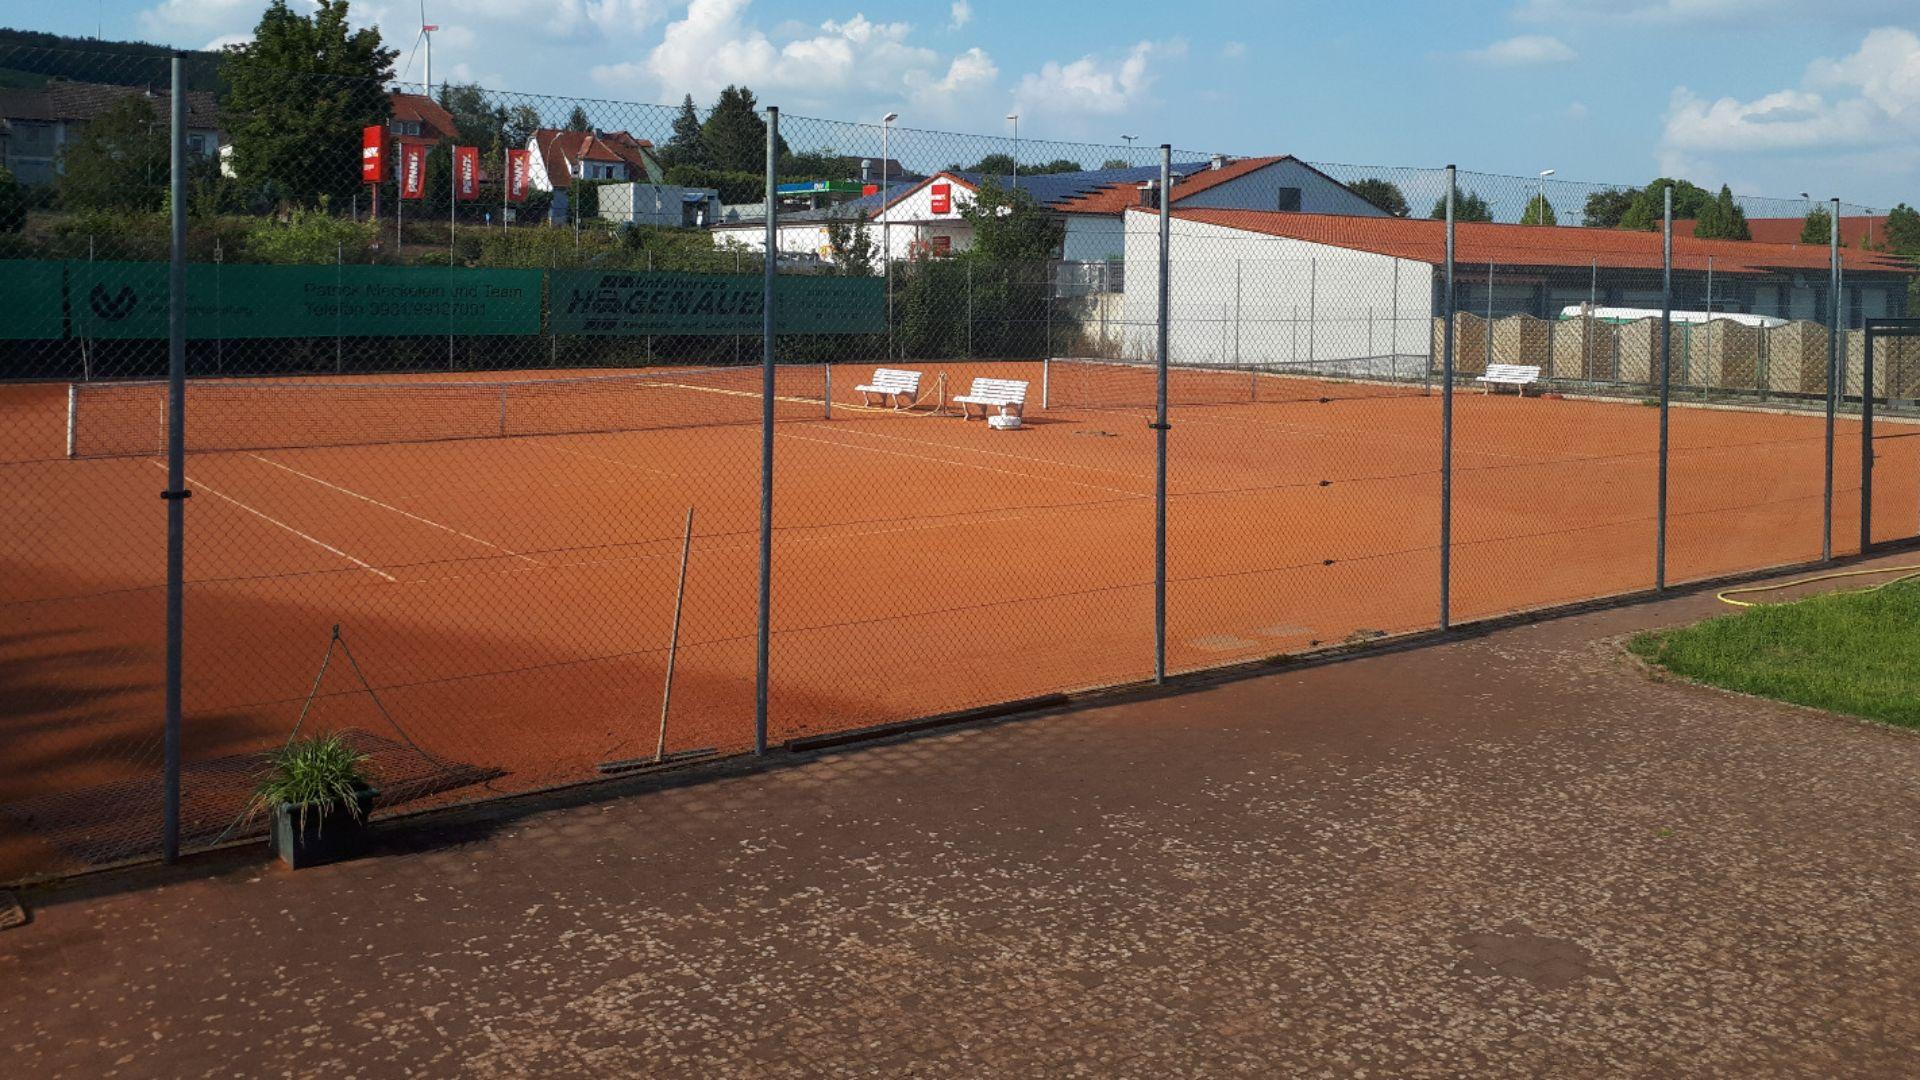 Tennis - Plätze 2&3